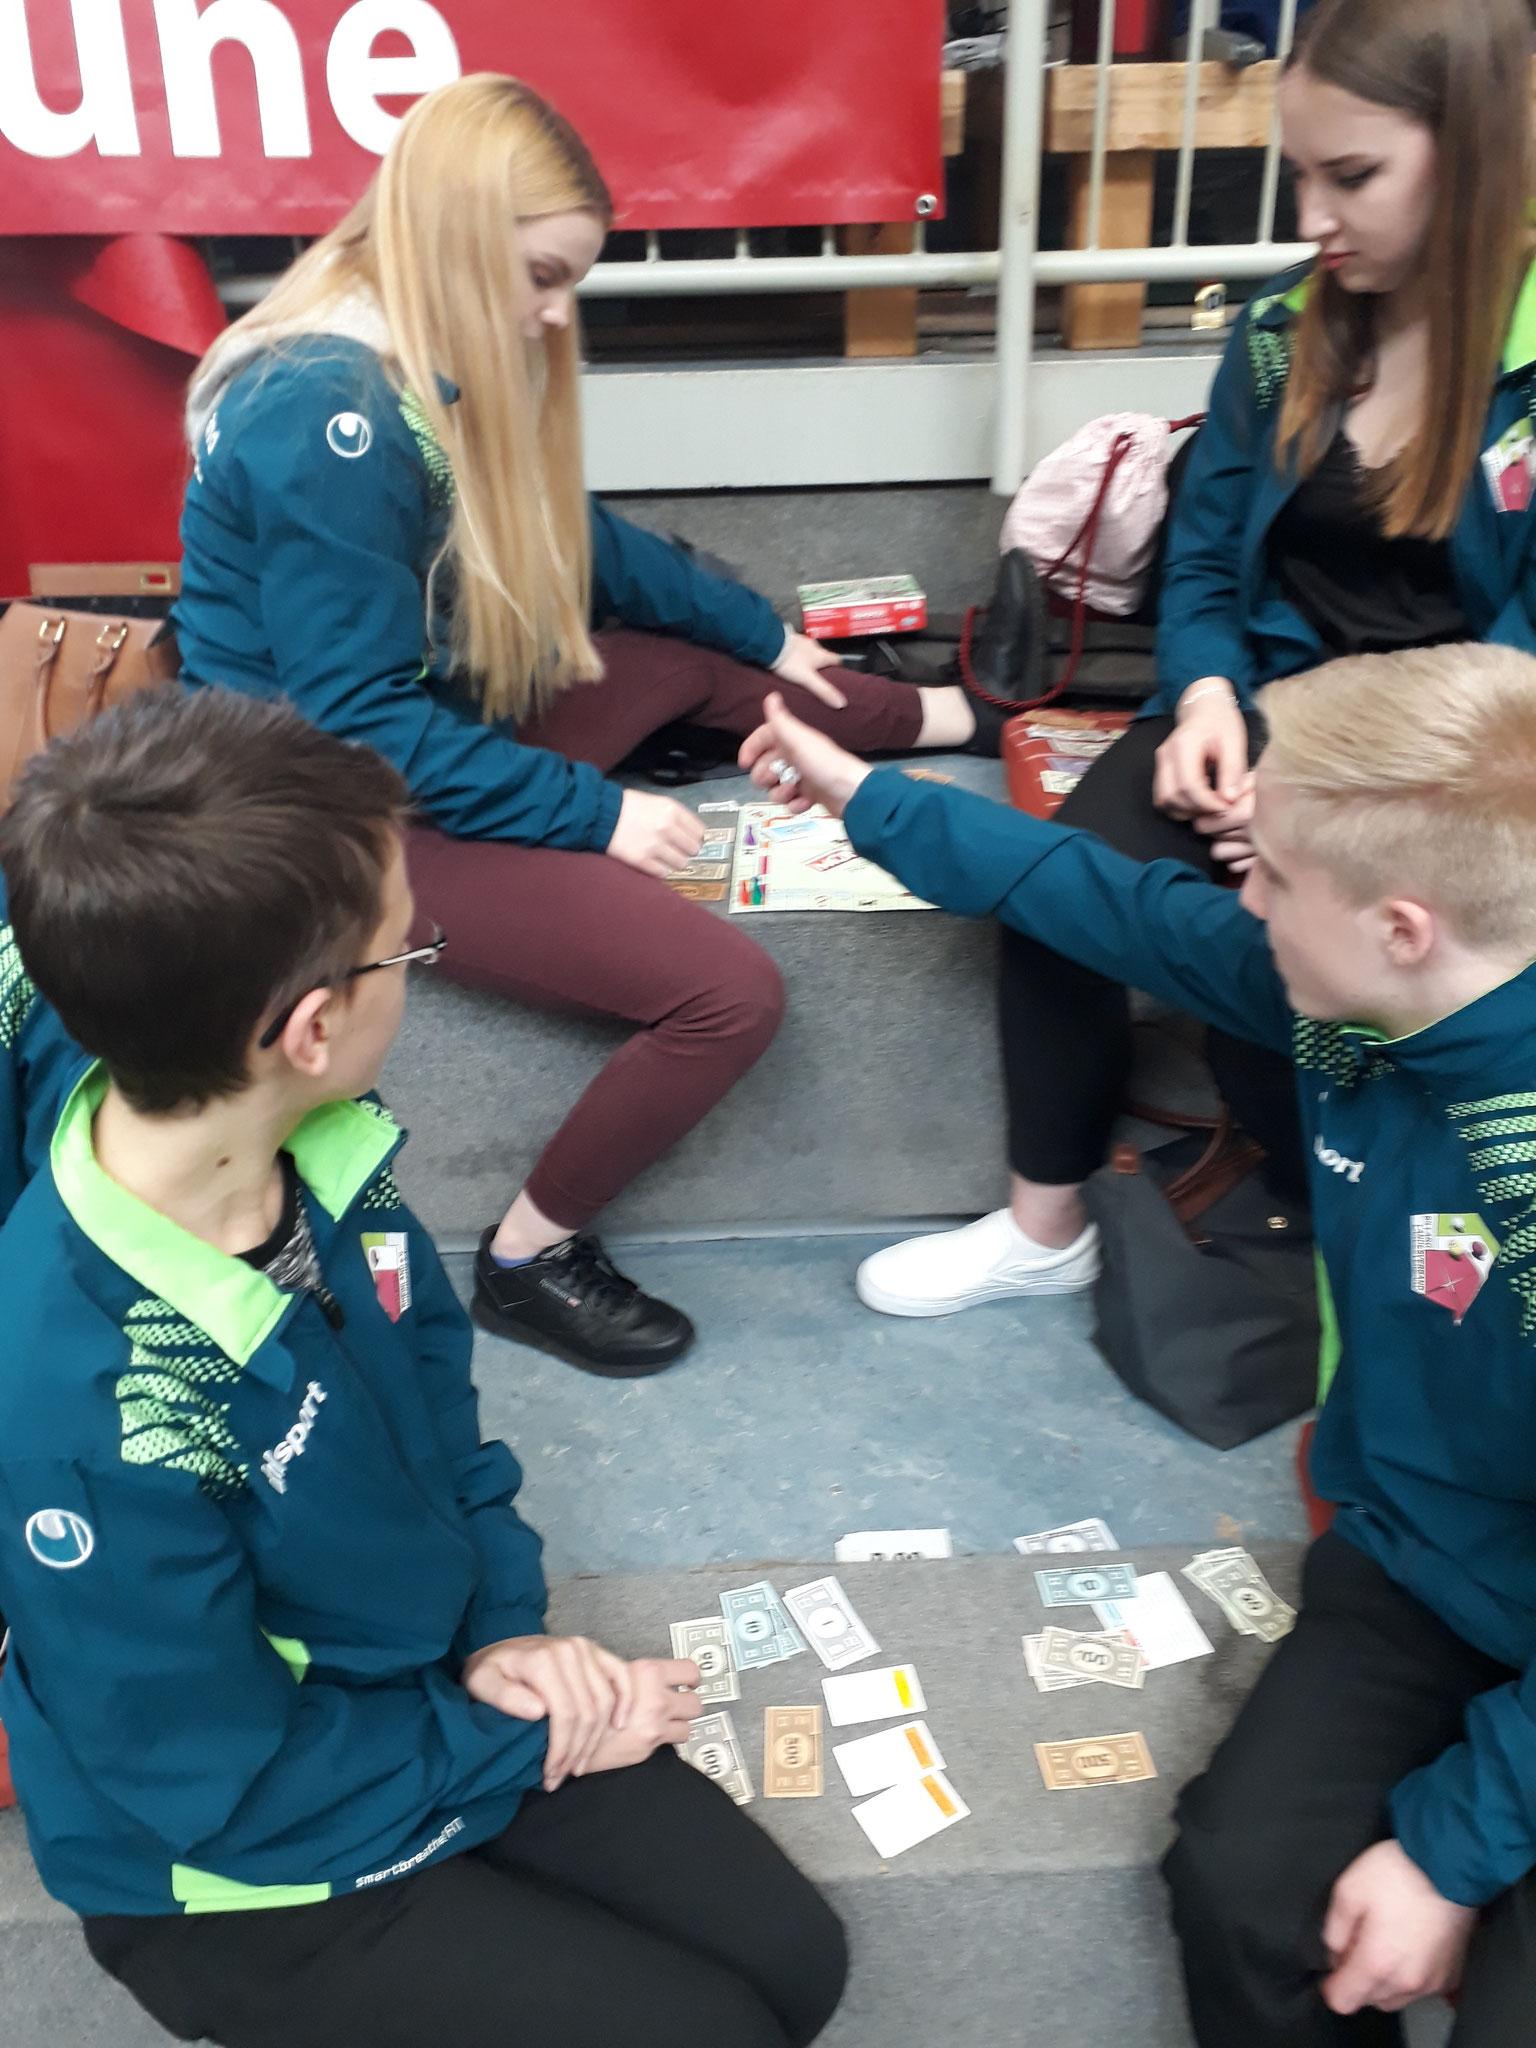 Zeitvertreib beim Monopoly - Foto: Bergische Pool Union